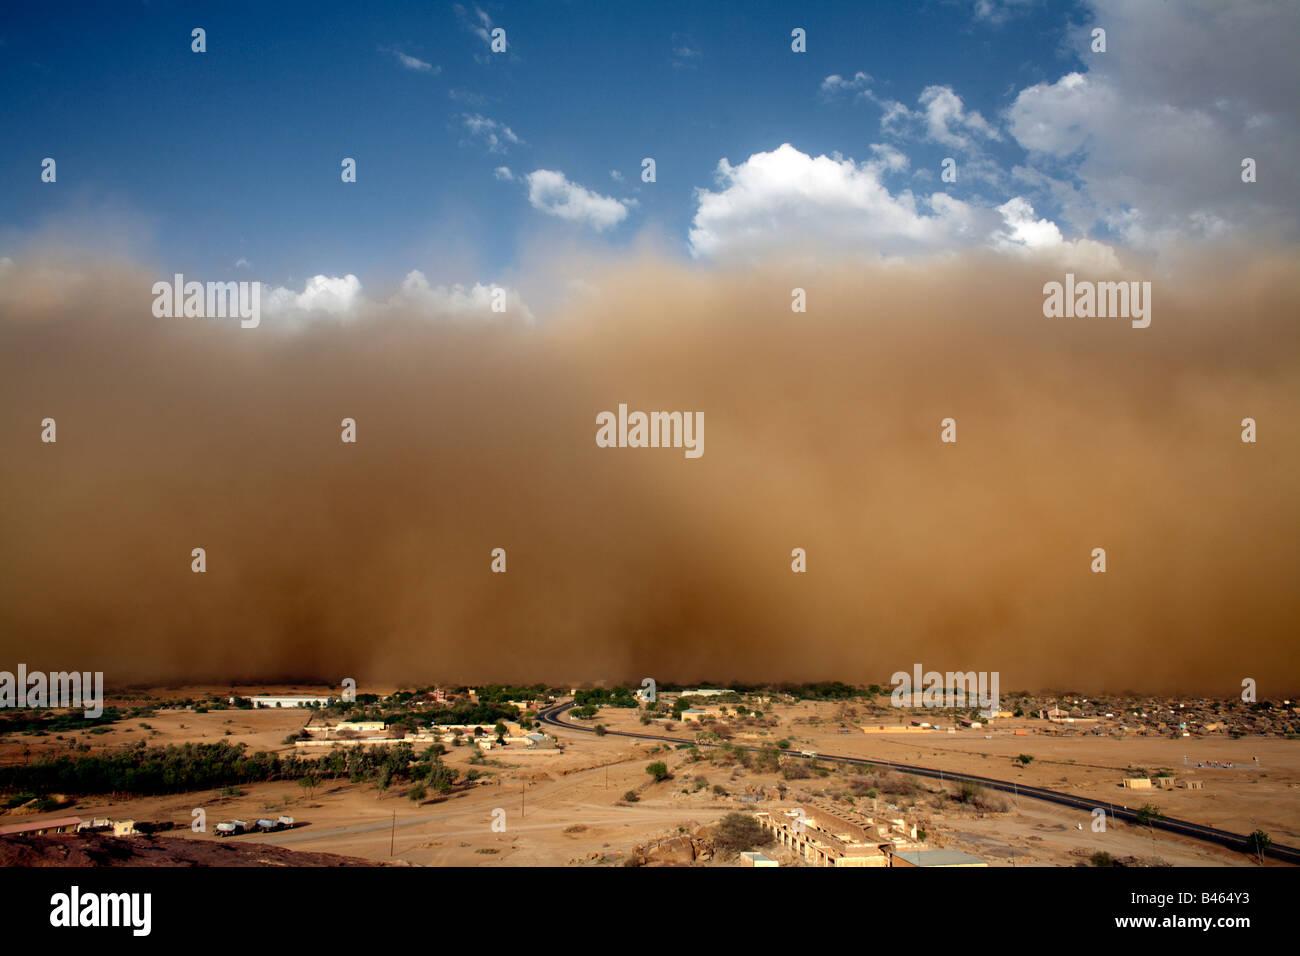 Une tempête est vu dans l'Érythrée, près de la frontière soudanaise. Photo Stock